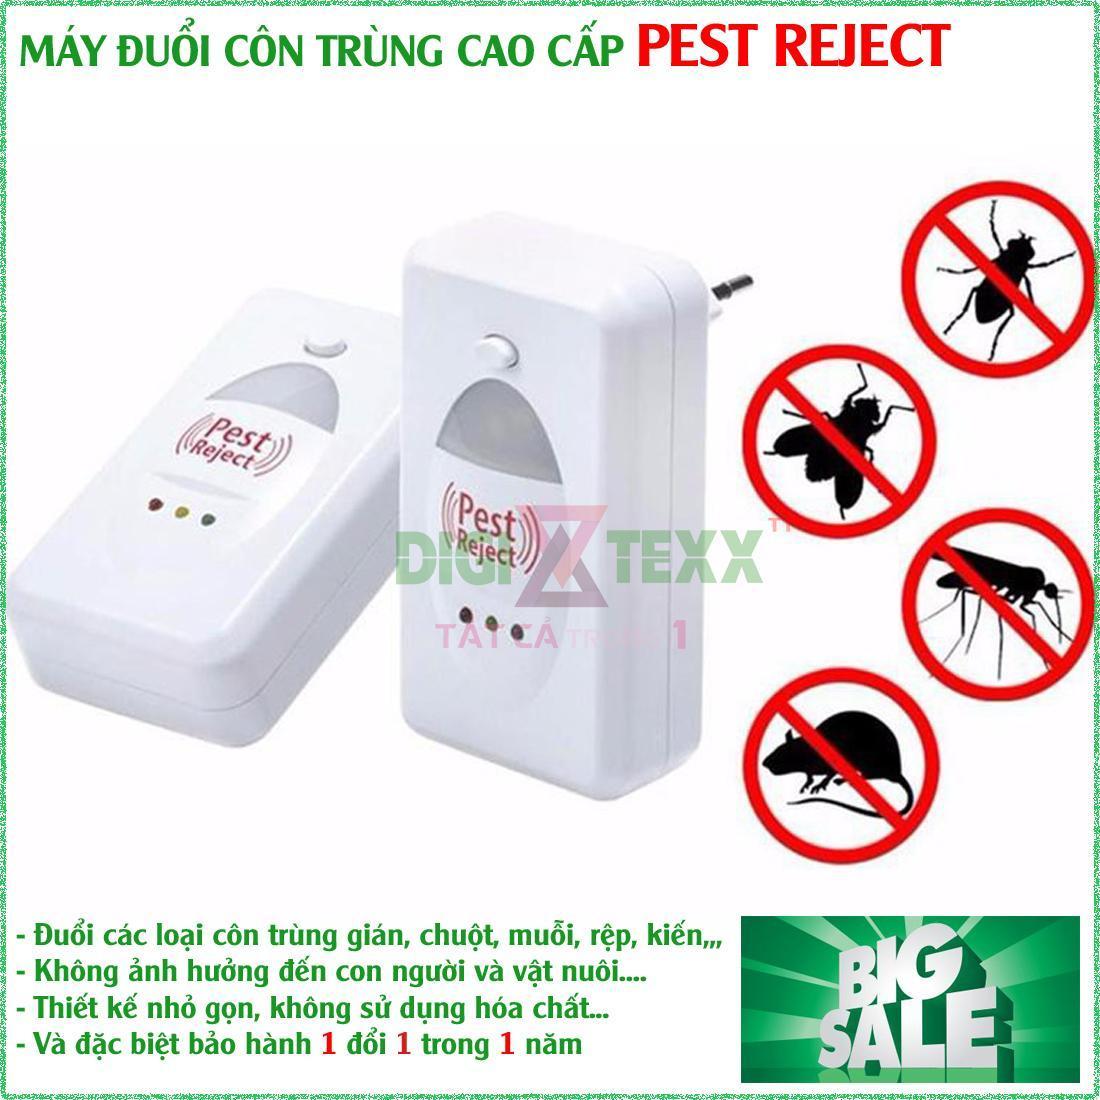 Máy Đuổi Chuột Gián Muỗi Và Côn Trùng Pest Repeller , Máy Xua Đuổi Côn Trùng Pest Reject Giúp Xua Đuổi Triệt Để Các Loại Côn Trùng Bằng Sóng Siêu Âm, An Toàn Cho Sức Khỏe - Thiết Thực Cho Gia Đình Bạn